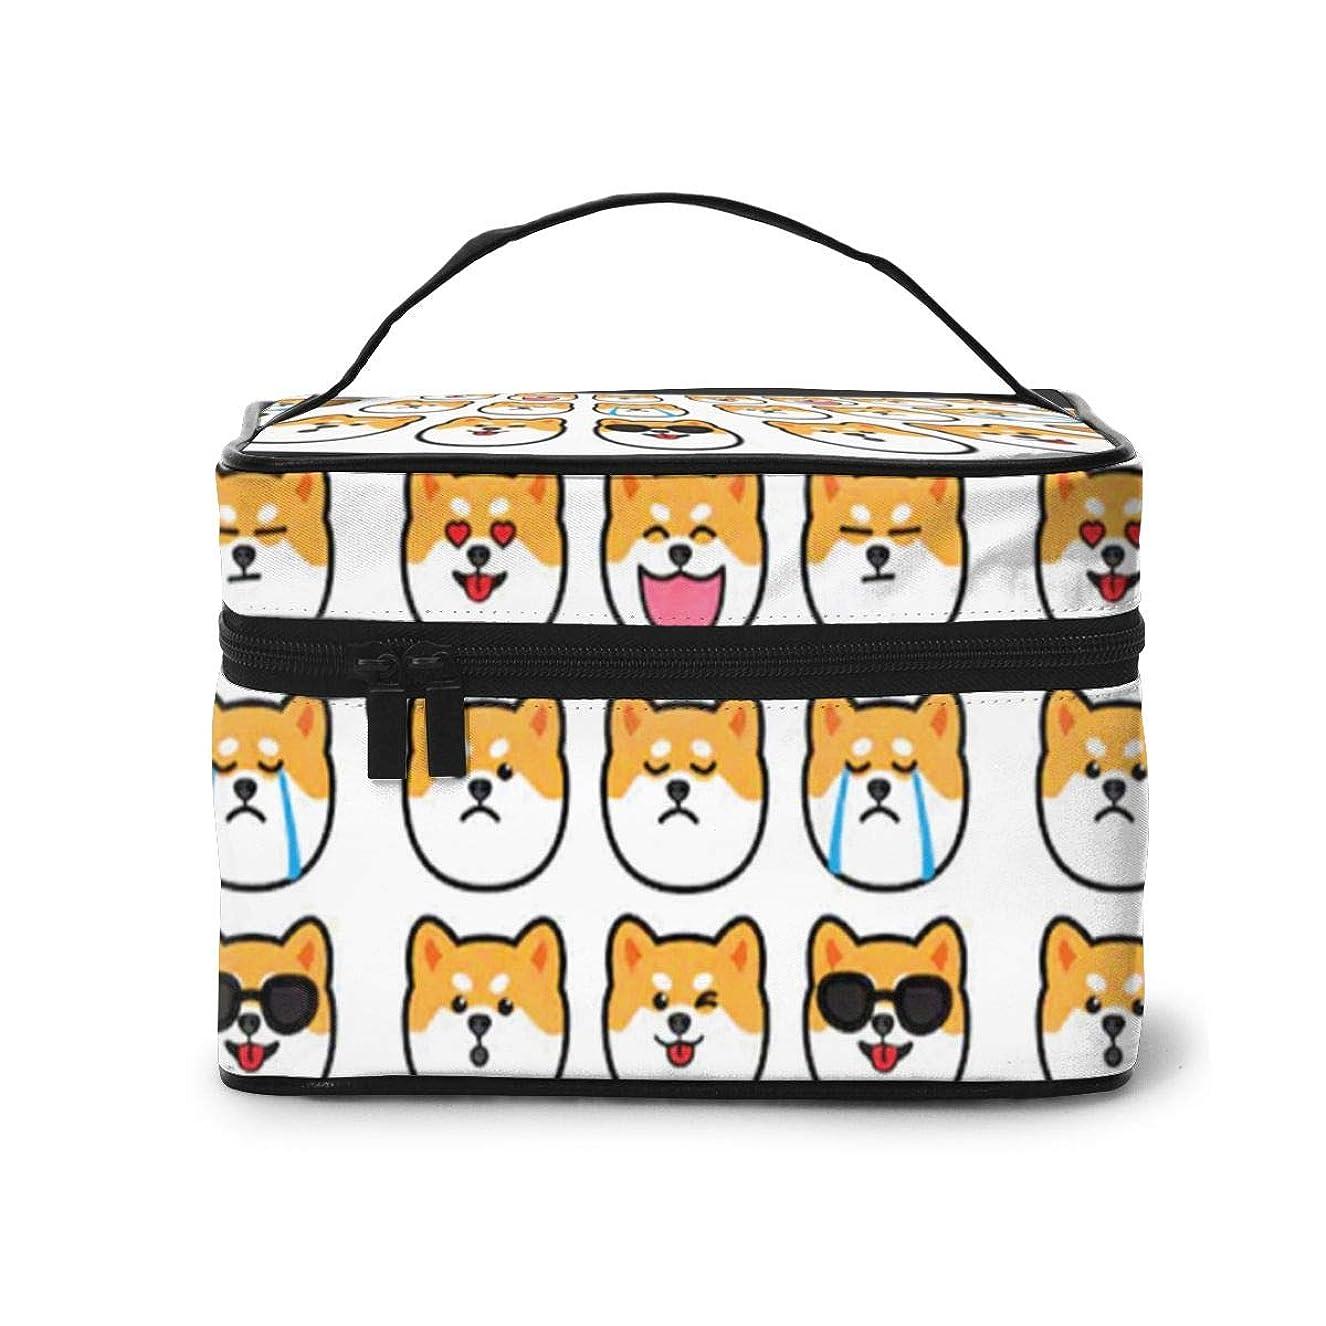 売上高猫背牧師Sharing Life 柴犬柄 メイクボックス 化粧ポーチ メイクブラシバッグ トラベルポーチ 化粧品収納ケース 機能的 大容量 かわいい 小物整理 収納